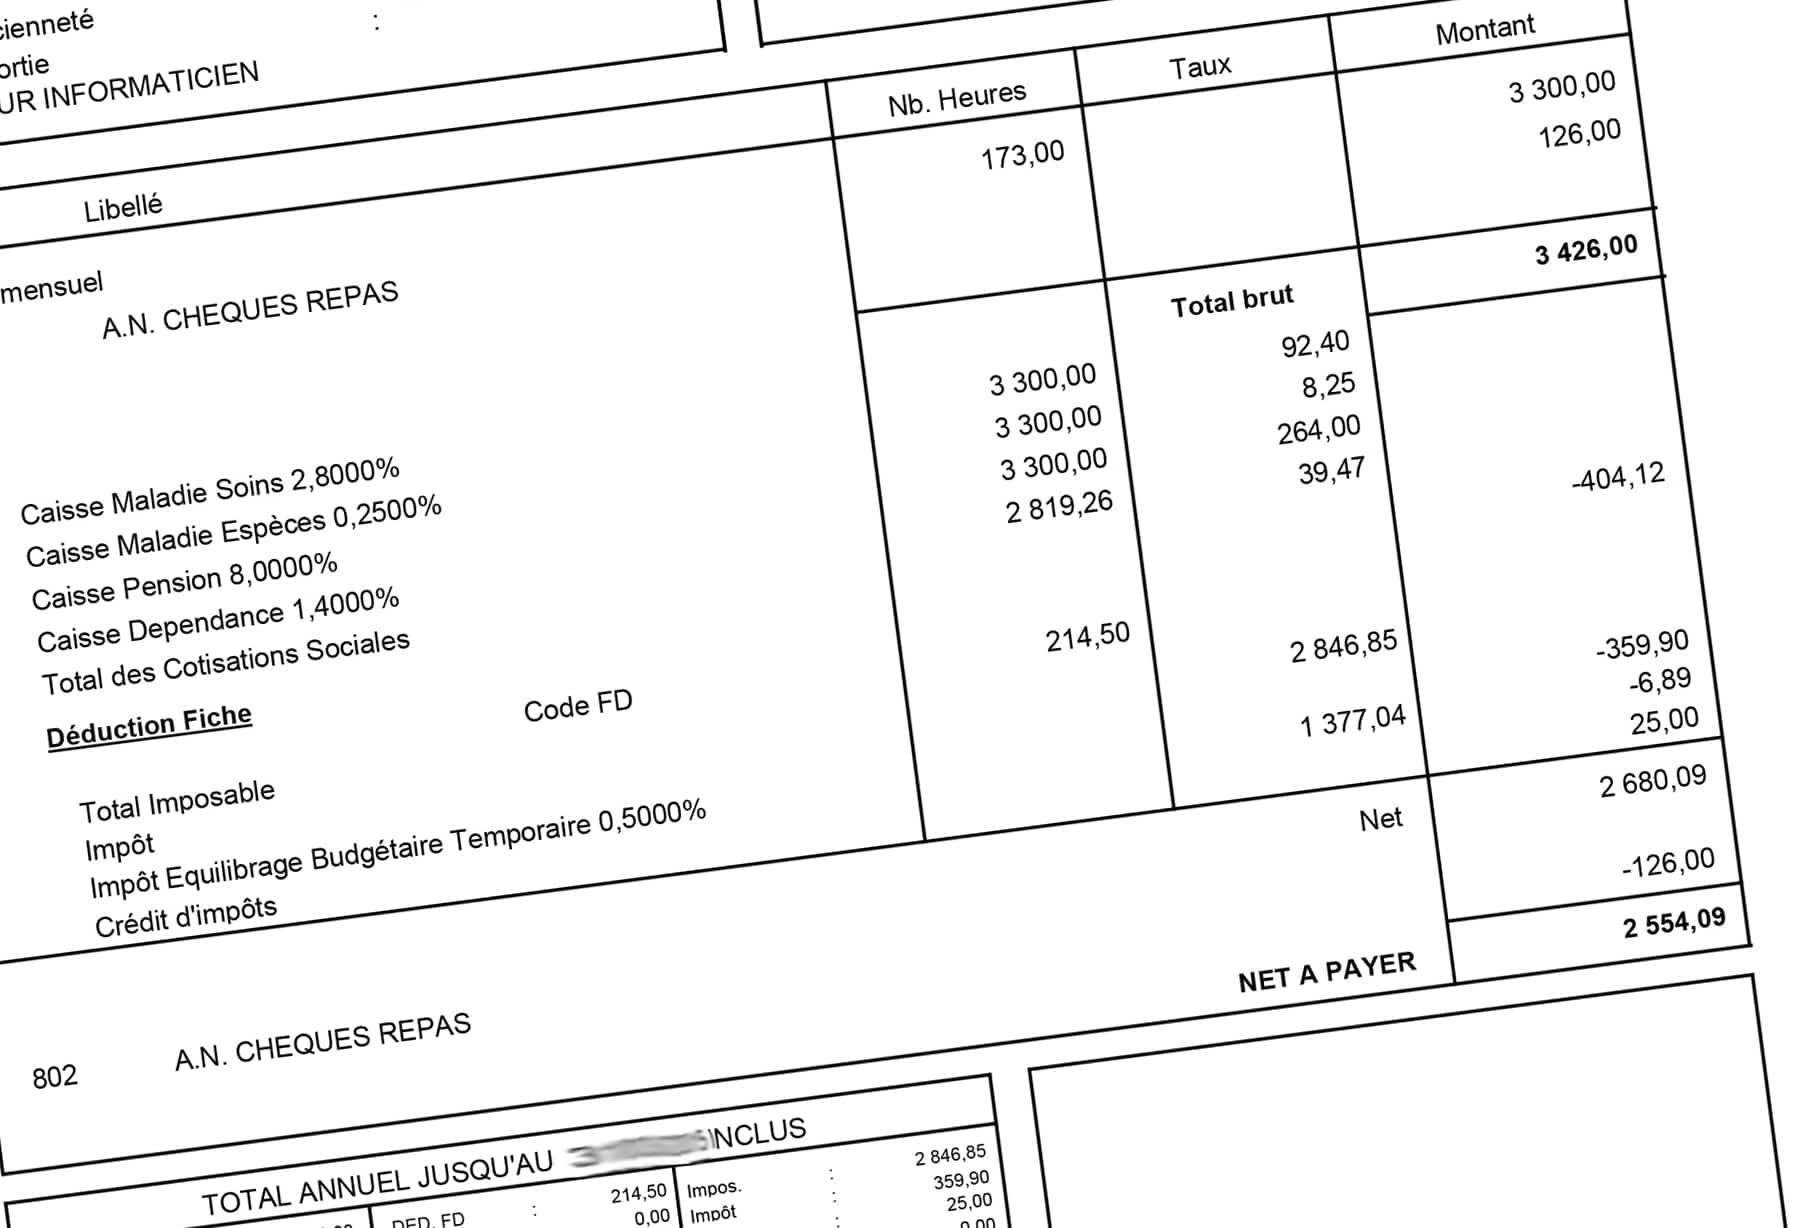 le cr dit d 39 imp t pour salari s en 2017 allez vous toucher plus ou moins qu 39 avant les. Black Bedroom Furniture Sets. Home Design Ideas